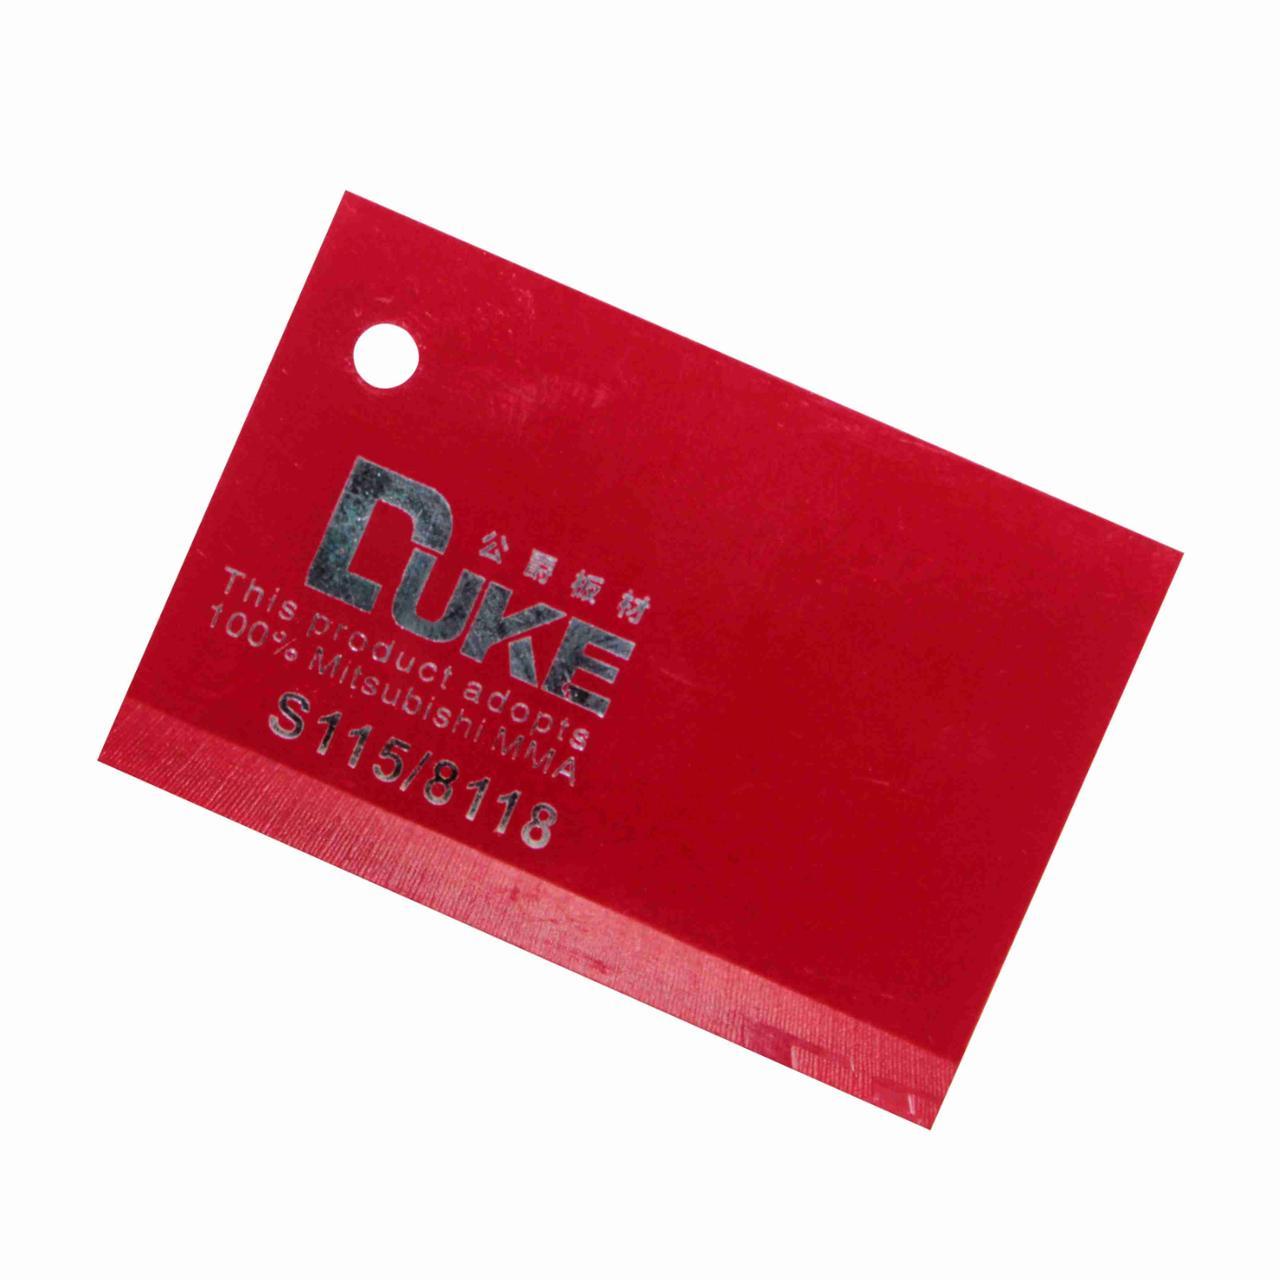 Акрил ярко красный №8118 (3мм) 1,22мХ2,44м